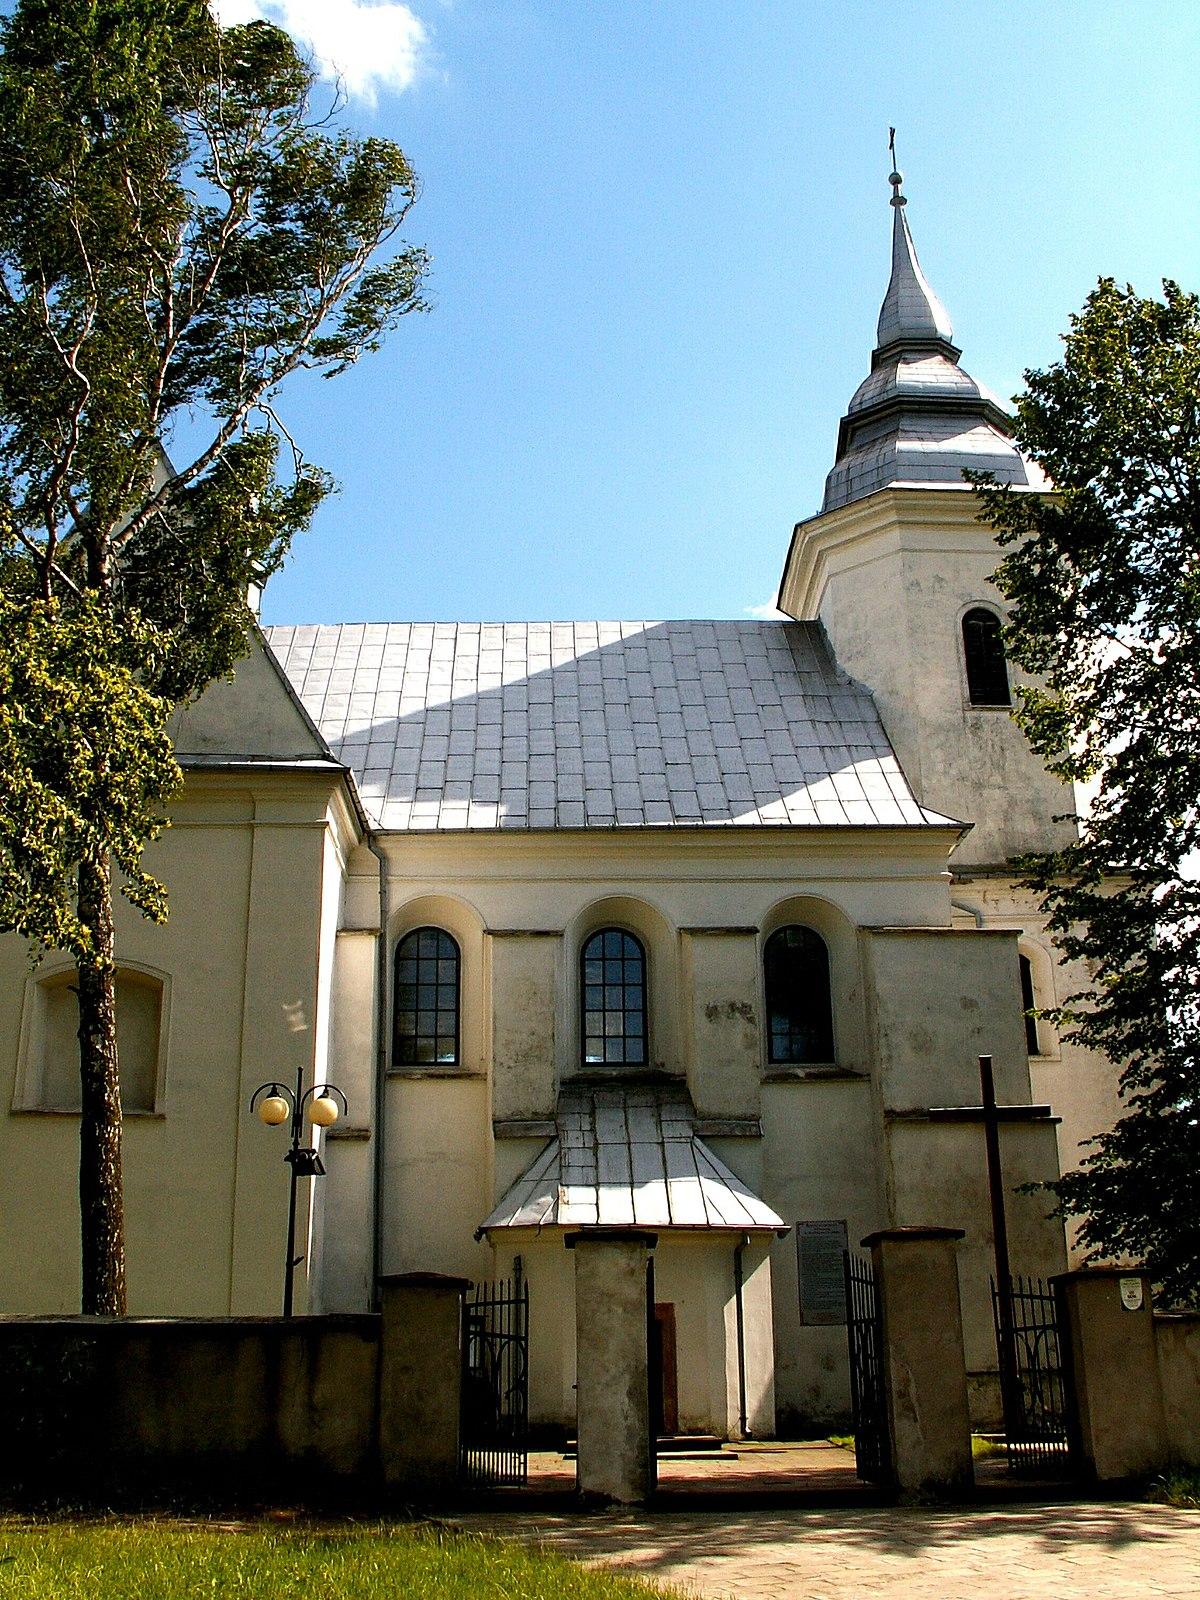 Edelstahlk Che kościół św marii magdaleny i św łaja w chełmcach wolna encyklopedia